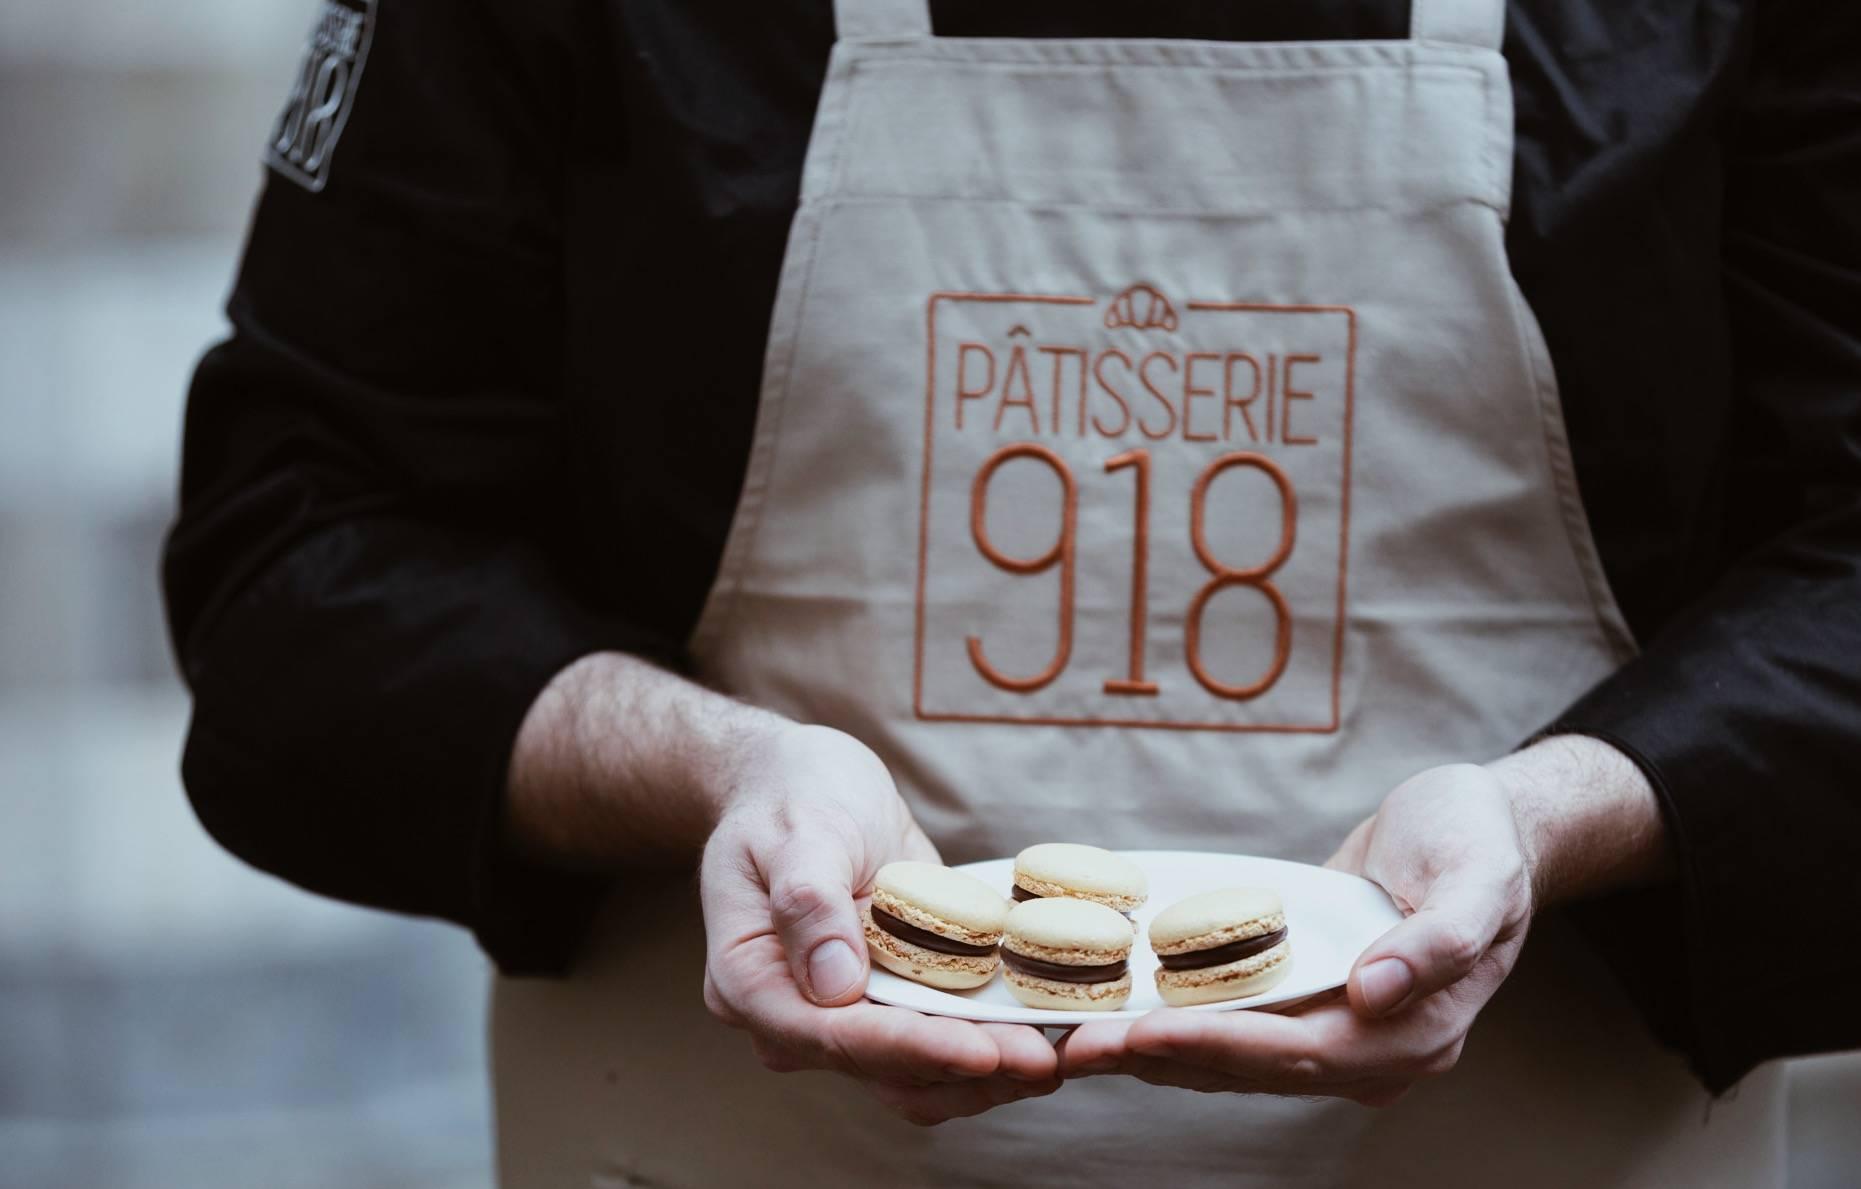 Patisserie 918